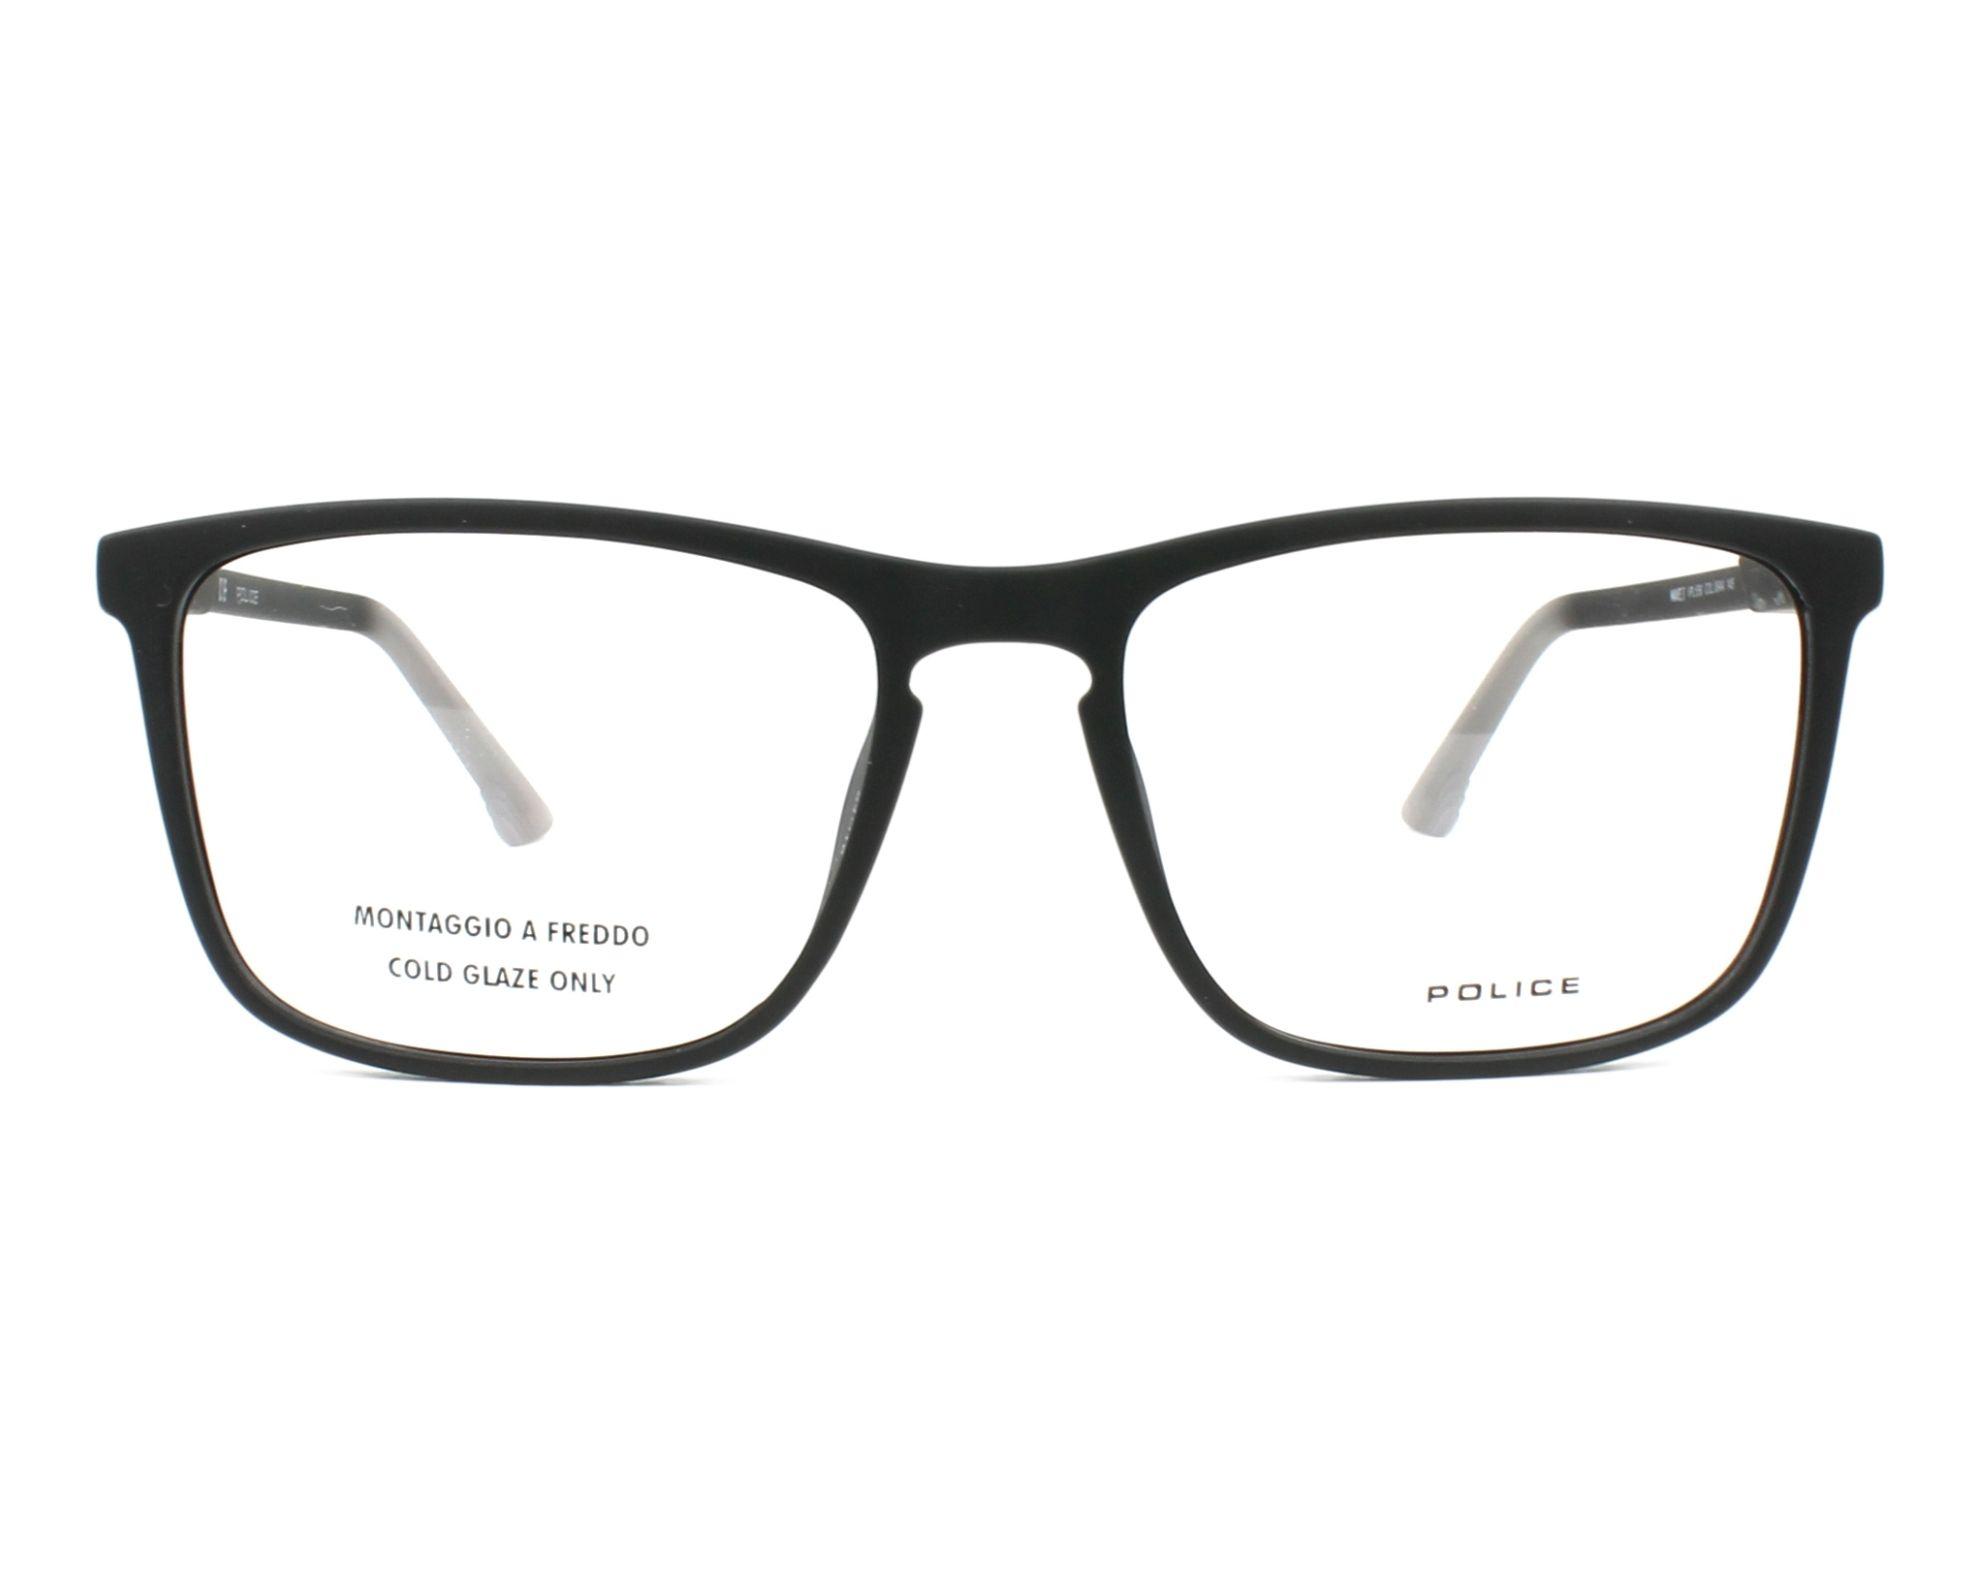 Occhiali da Vista Prodesign 1270 Essential 6031 UgCRgi2ByR